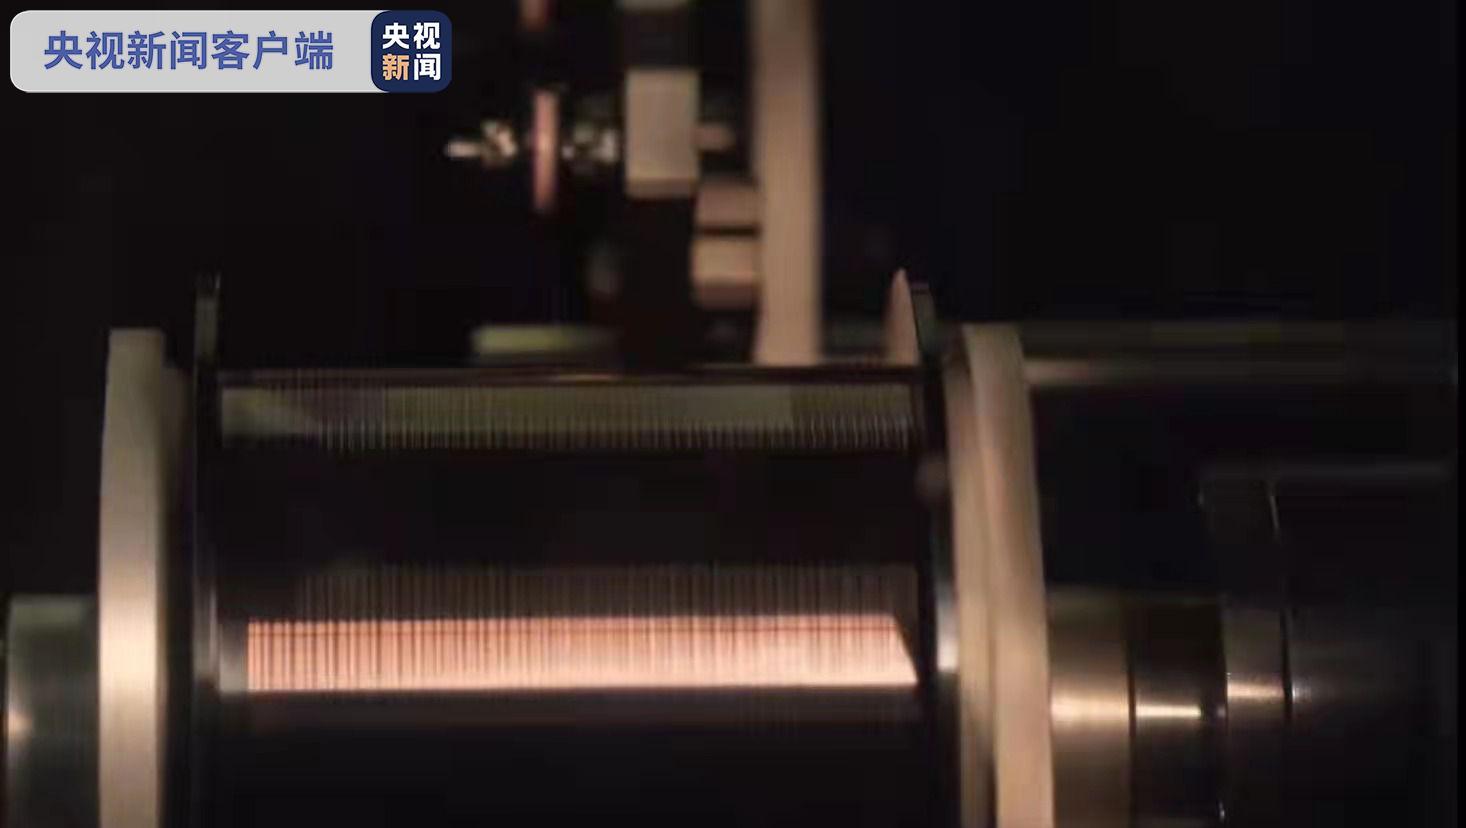 重大技术突破!芯片生产关键性原材料单晶纳米铜实现国内量产